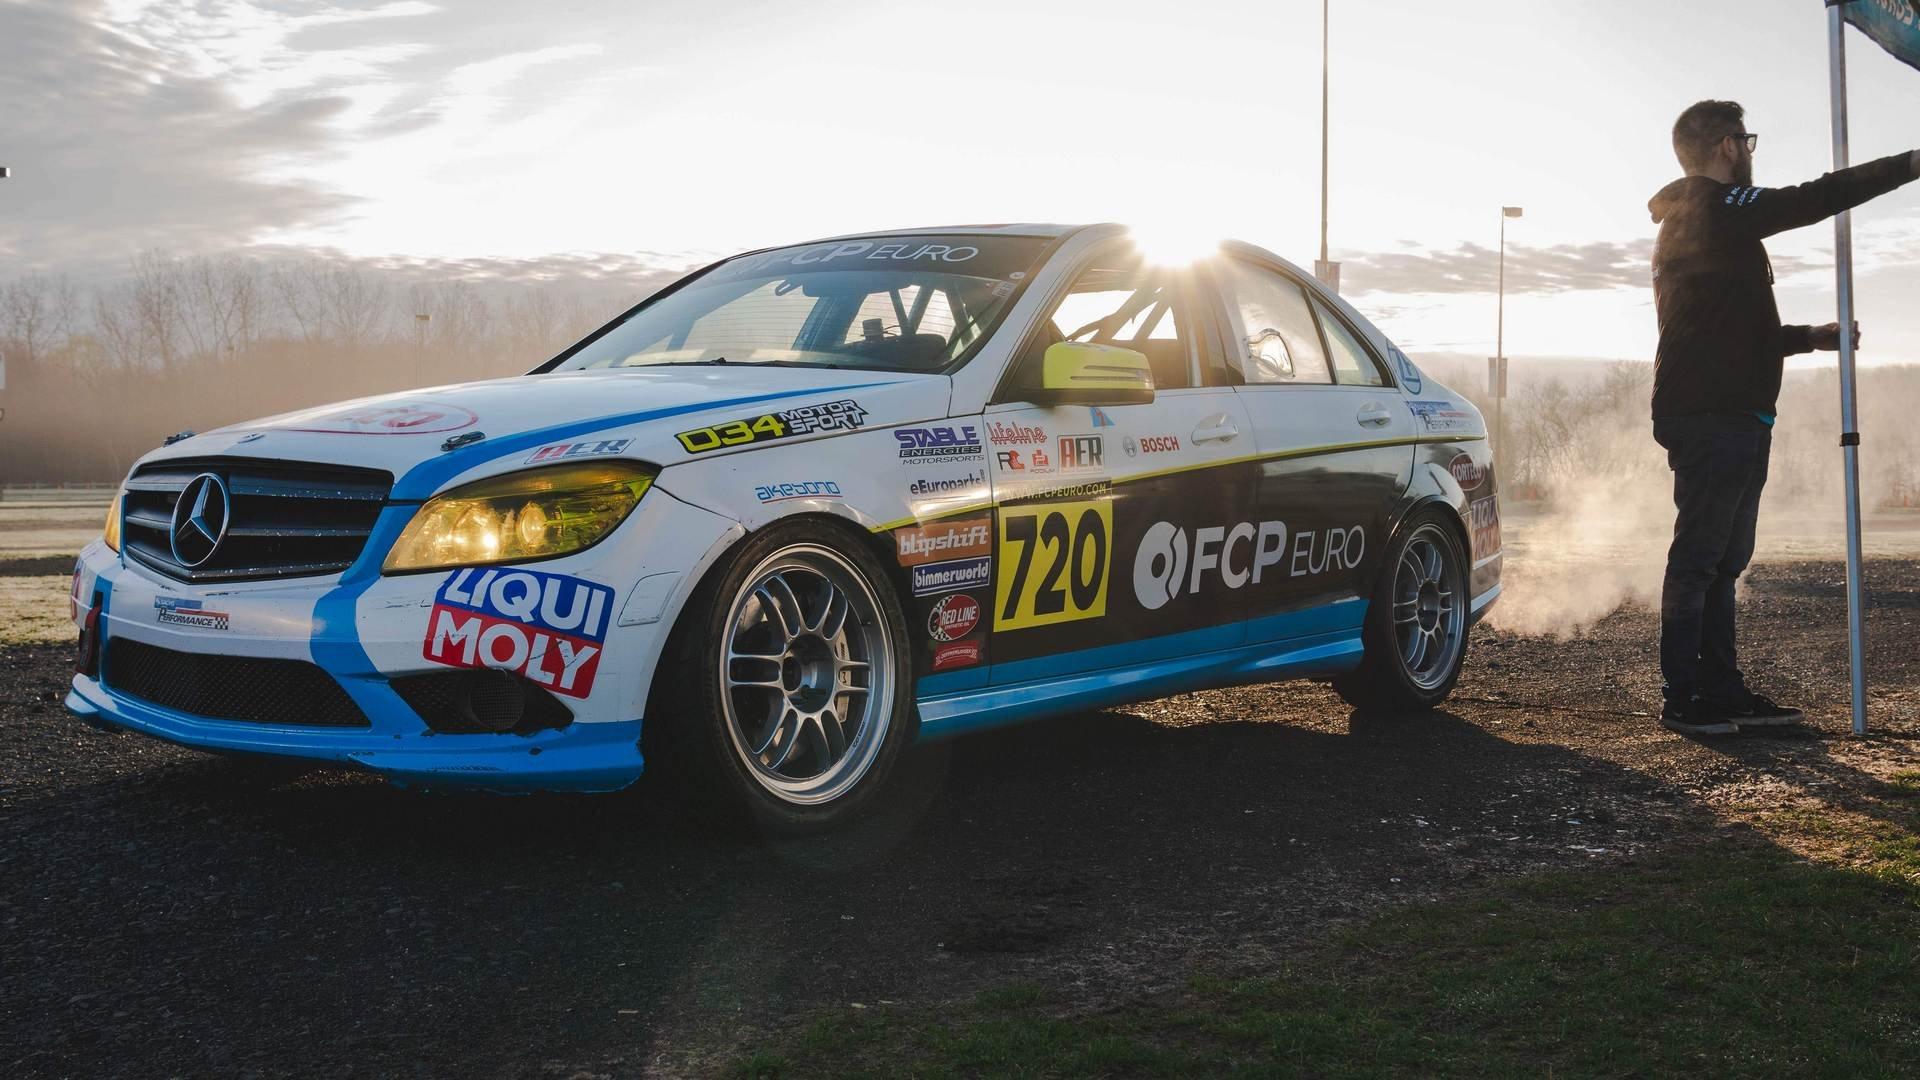 FCP Euro UC3 Car Show 2019 c300 Booth Car